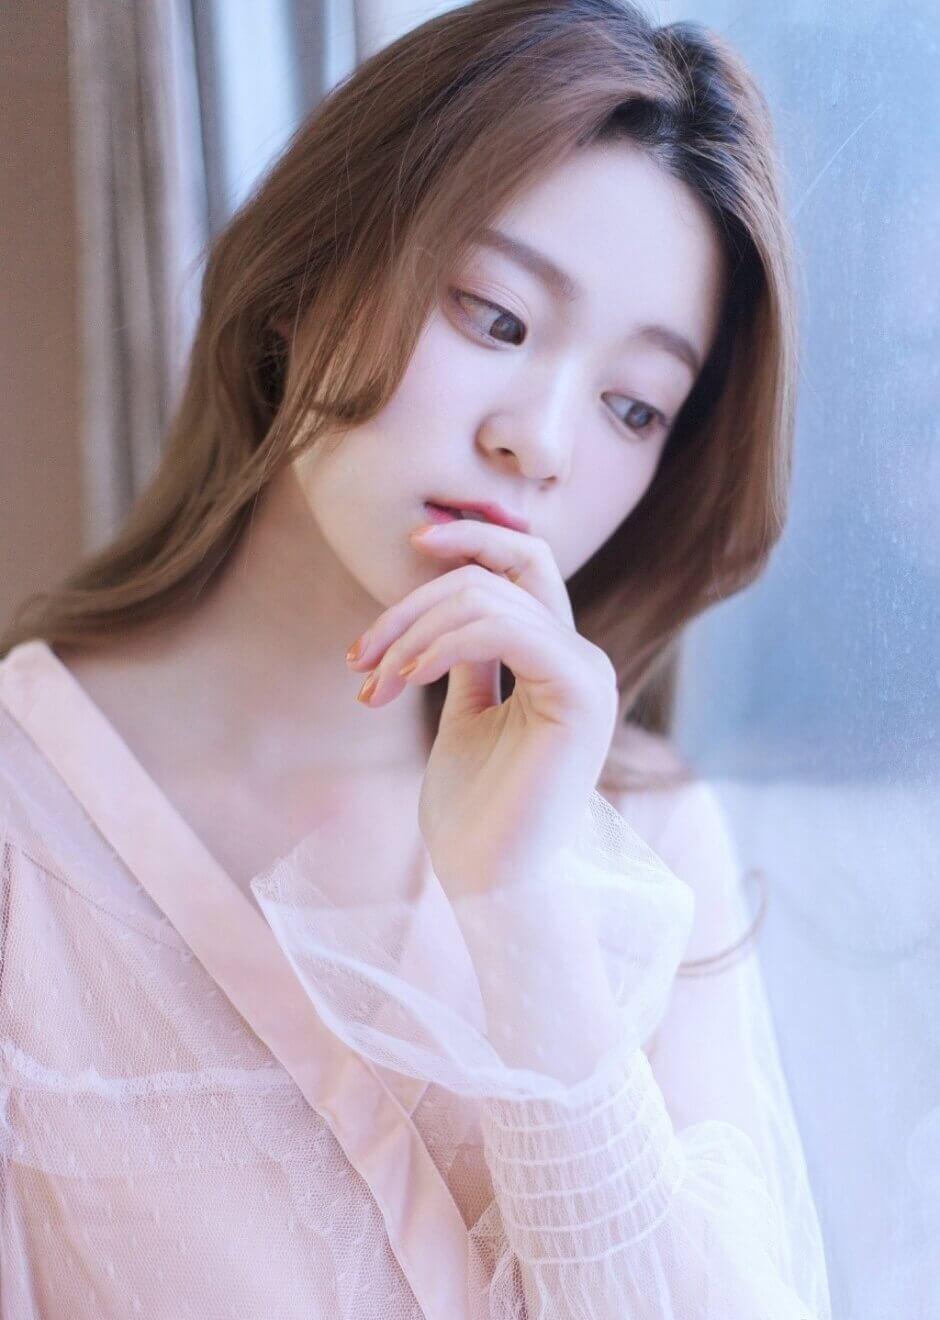 网红美女模特白色纱衣长发飘飘唯美写真图片集 – 9P